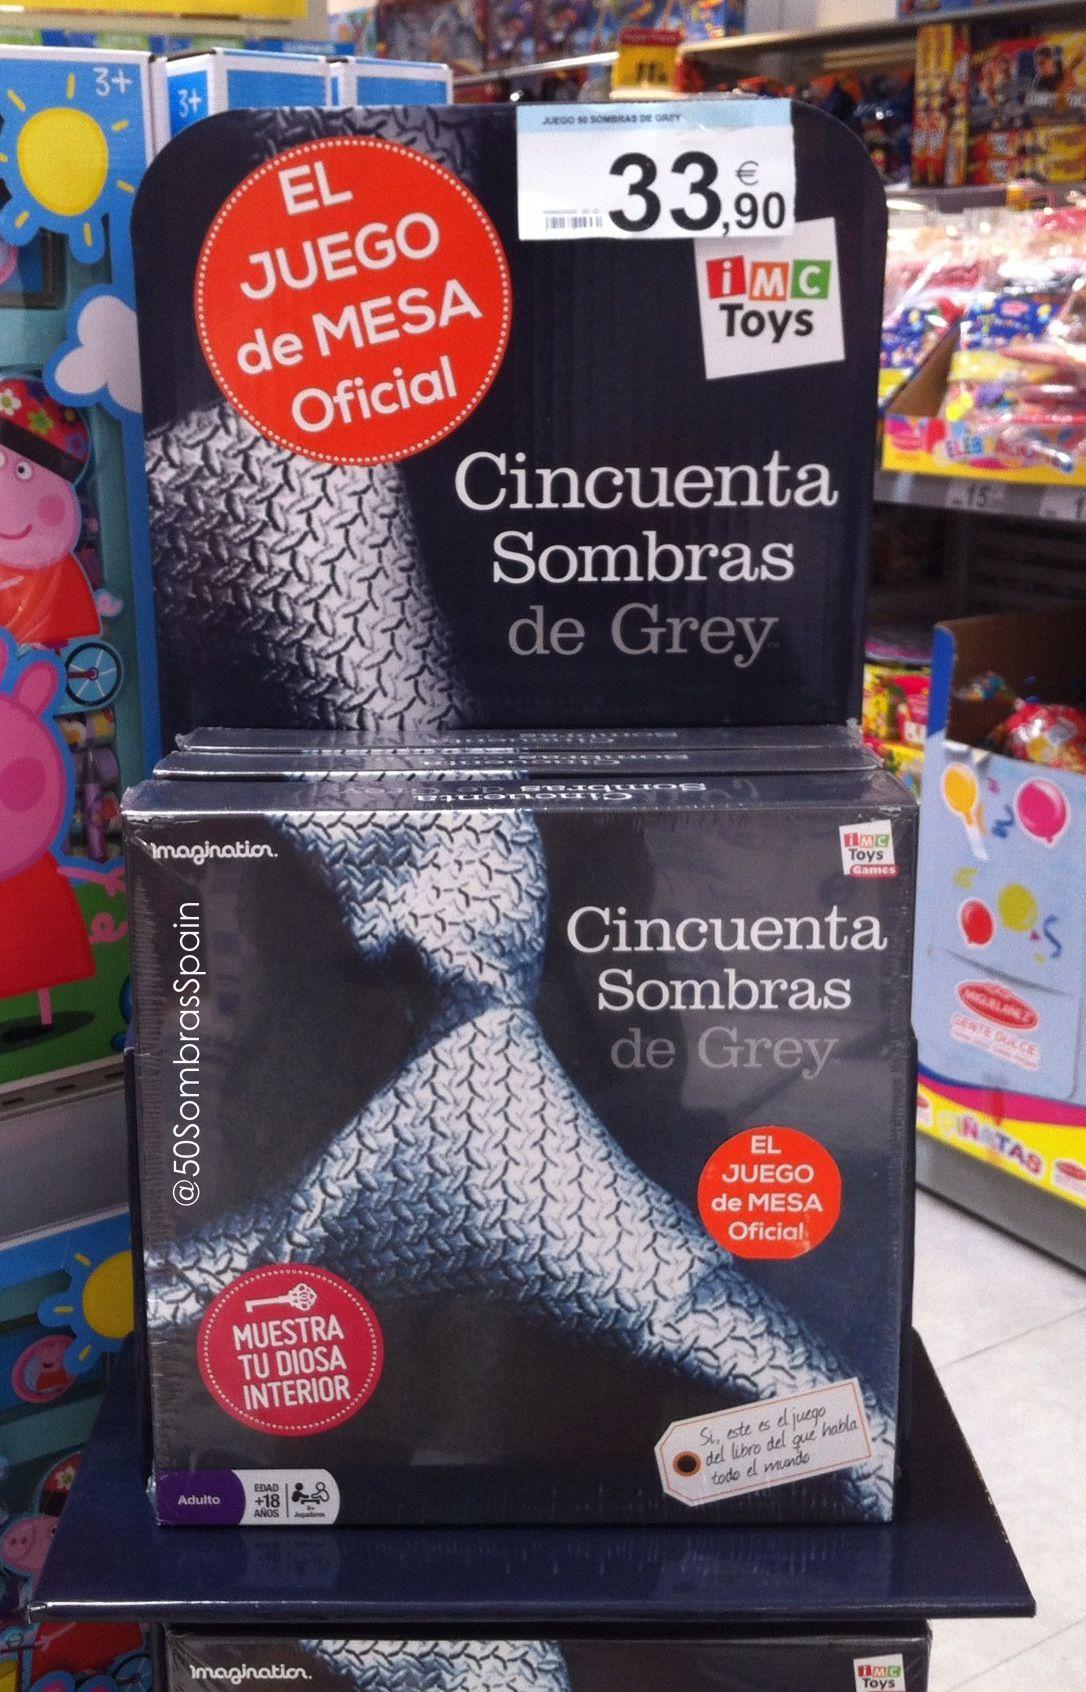 Juego Oficial Cincuenta Sombras De Grey Gum My Style Style